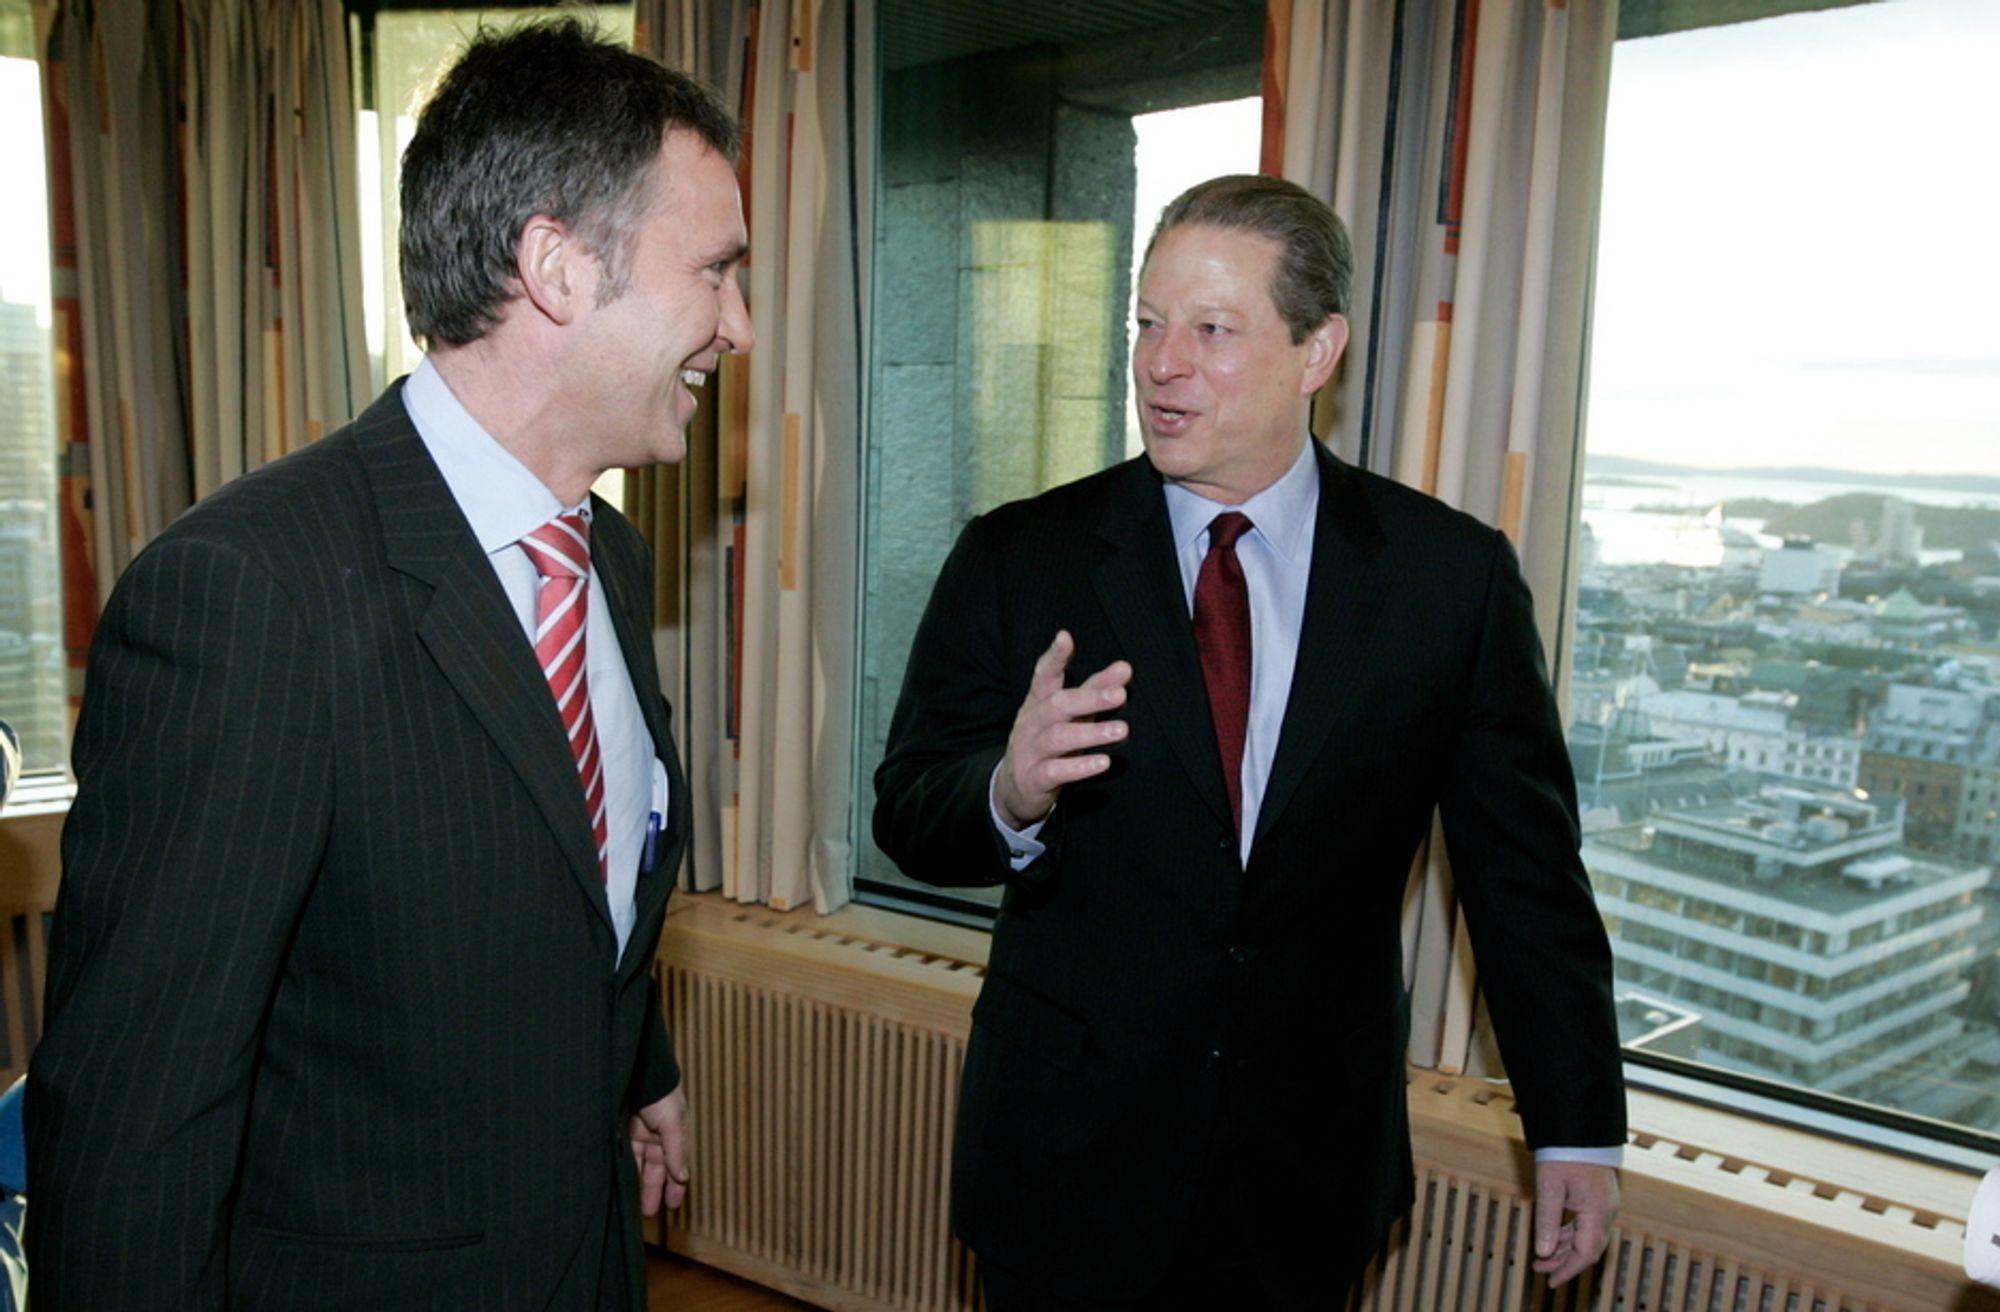 HAR SNUDD: Han var skeptisk før, men nå har fredsprisvinner Al Gore mer tro på CO2-håndtering som et virkemiddel mot klimautslipp.